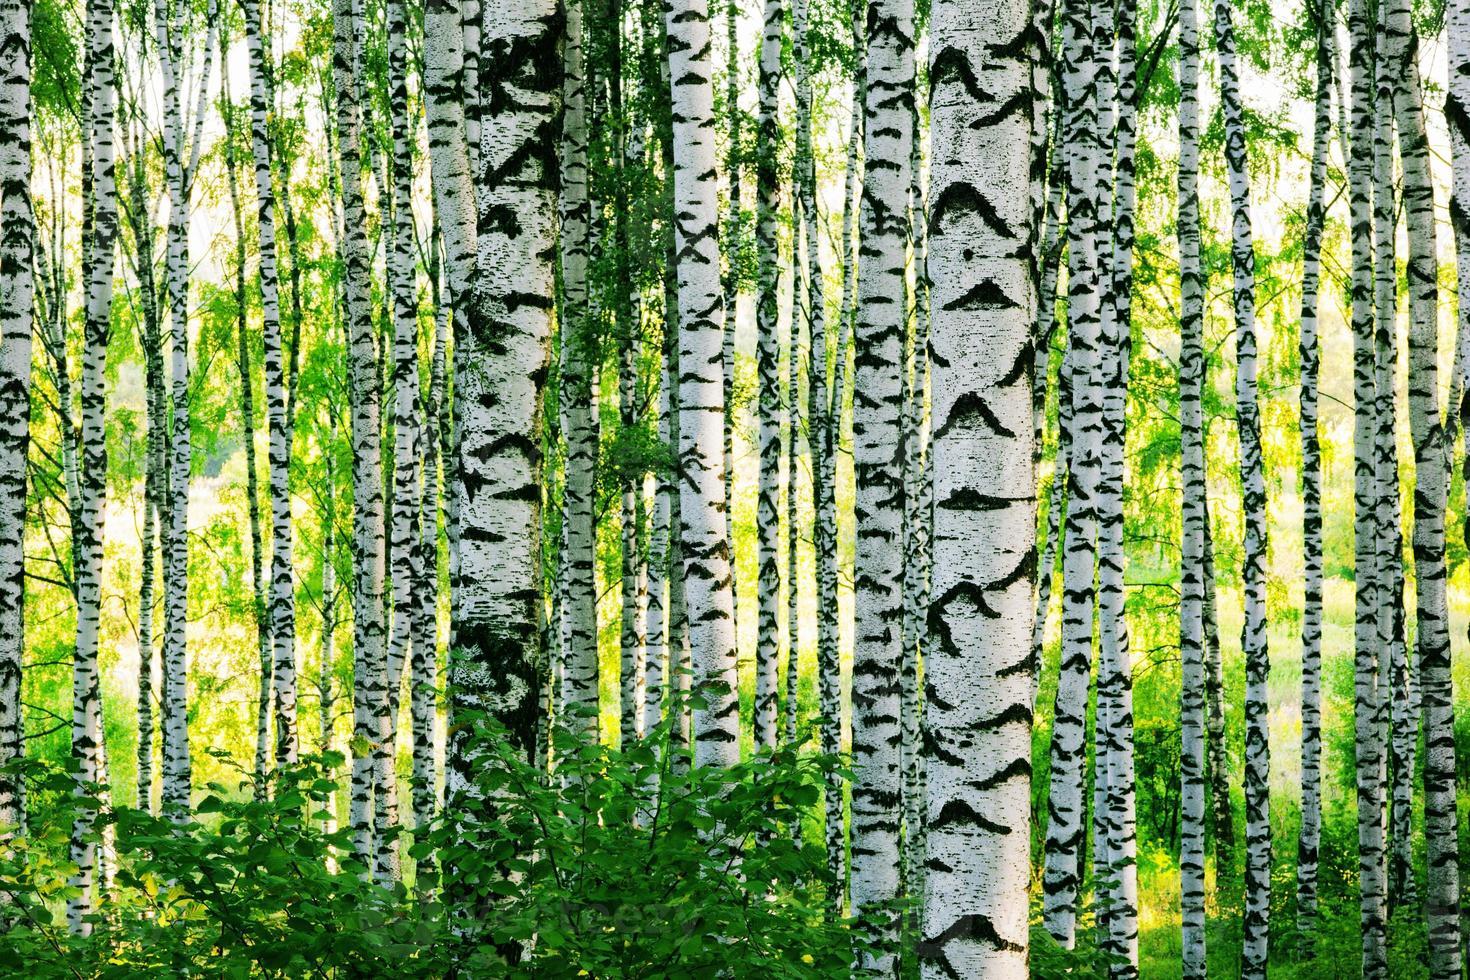 forest birch photo